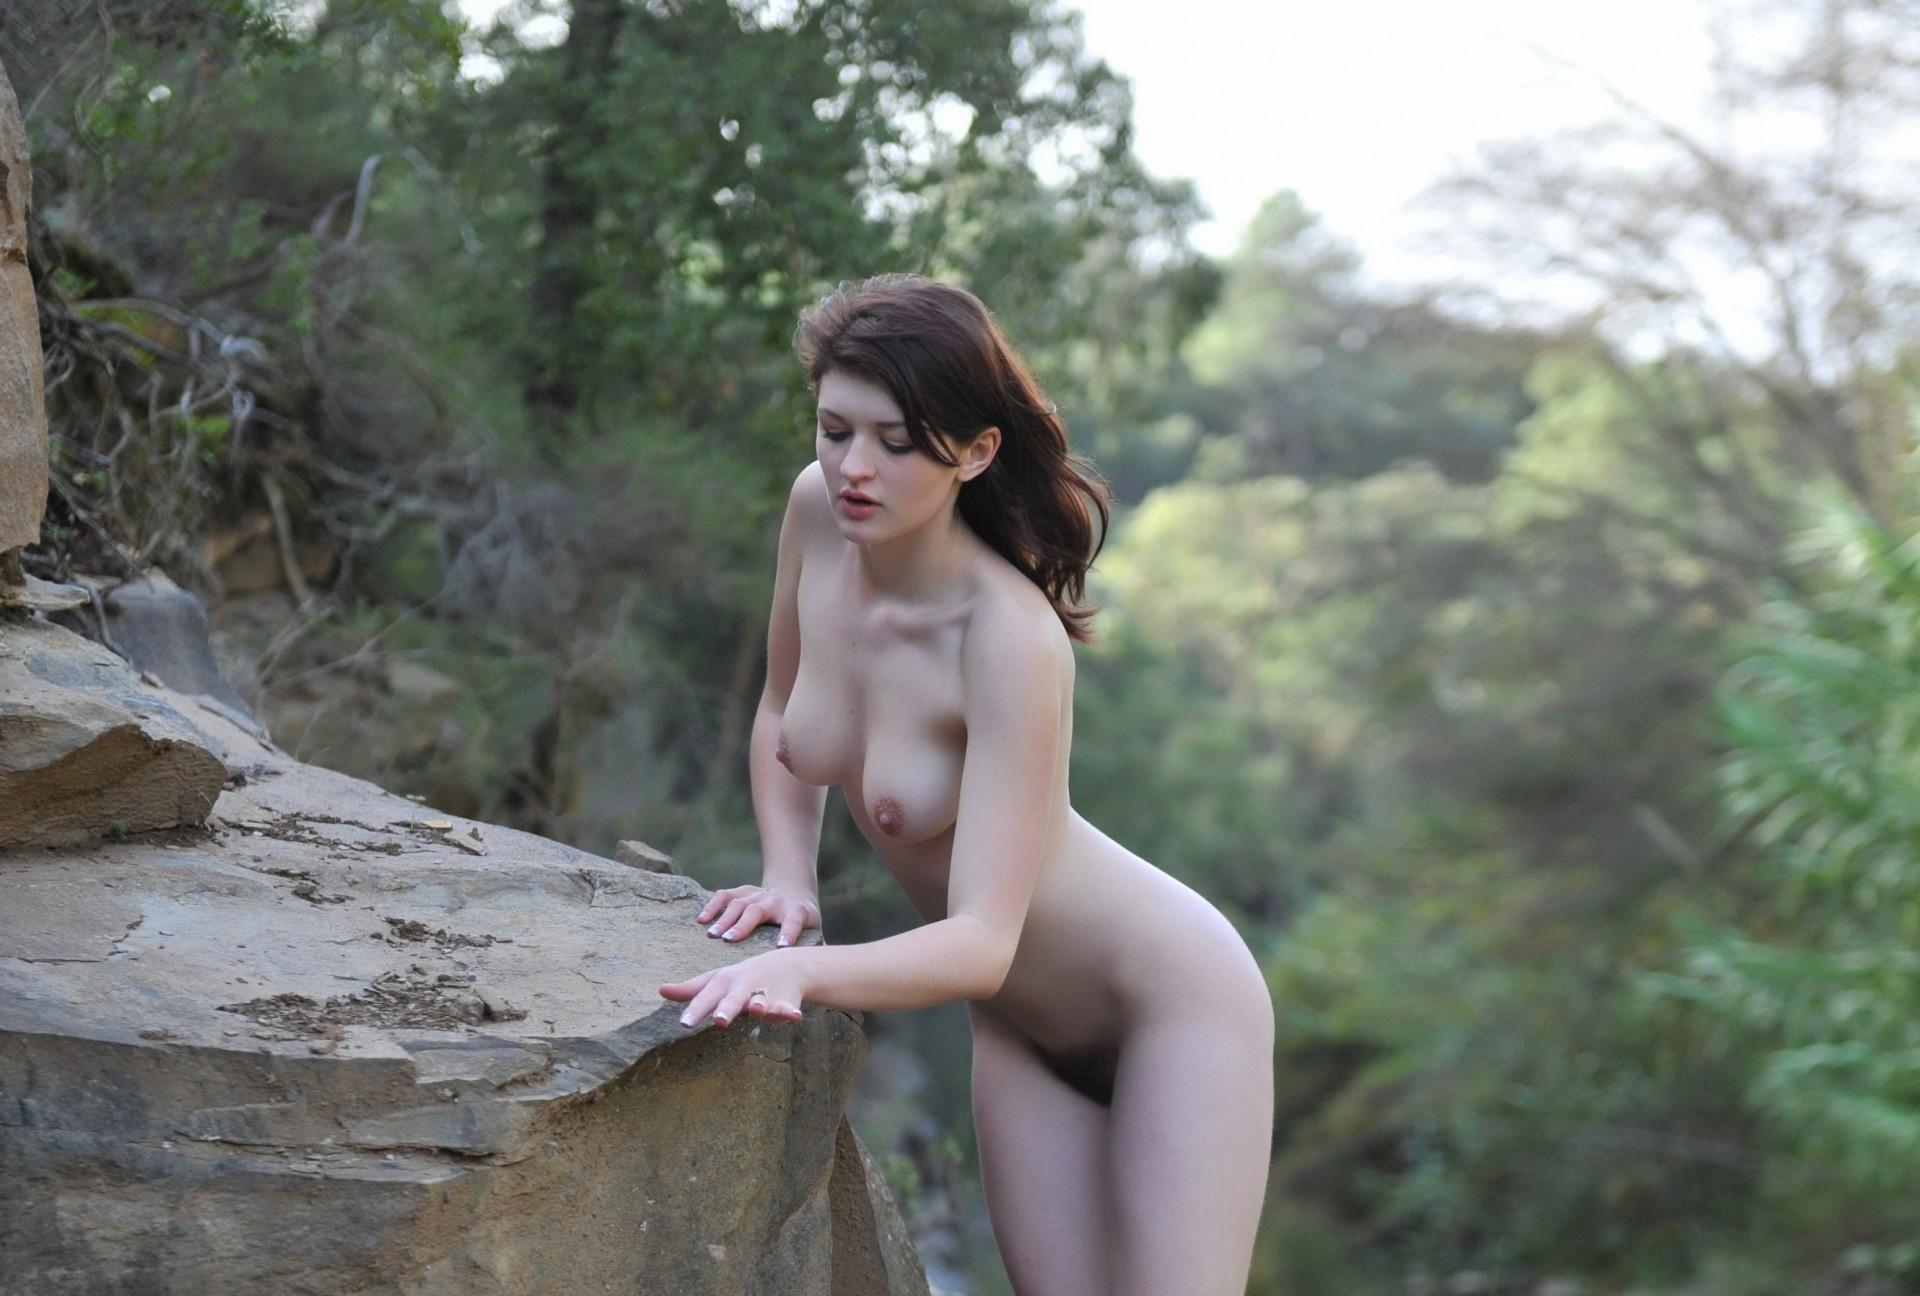 Nude meghalaya girl